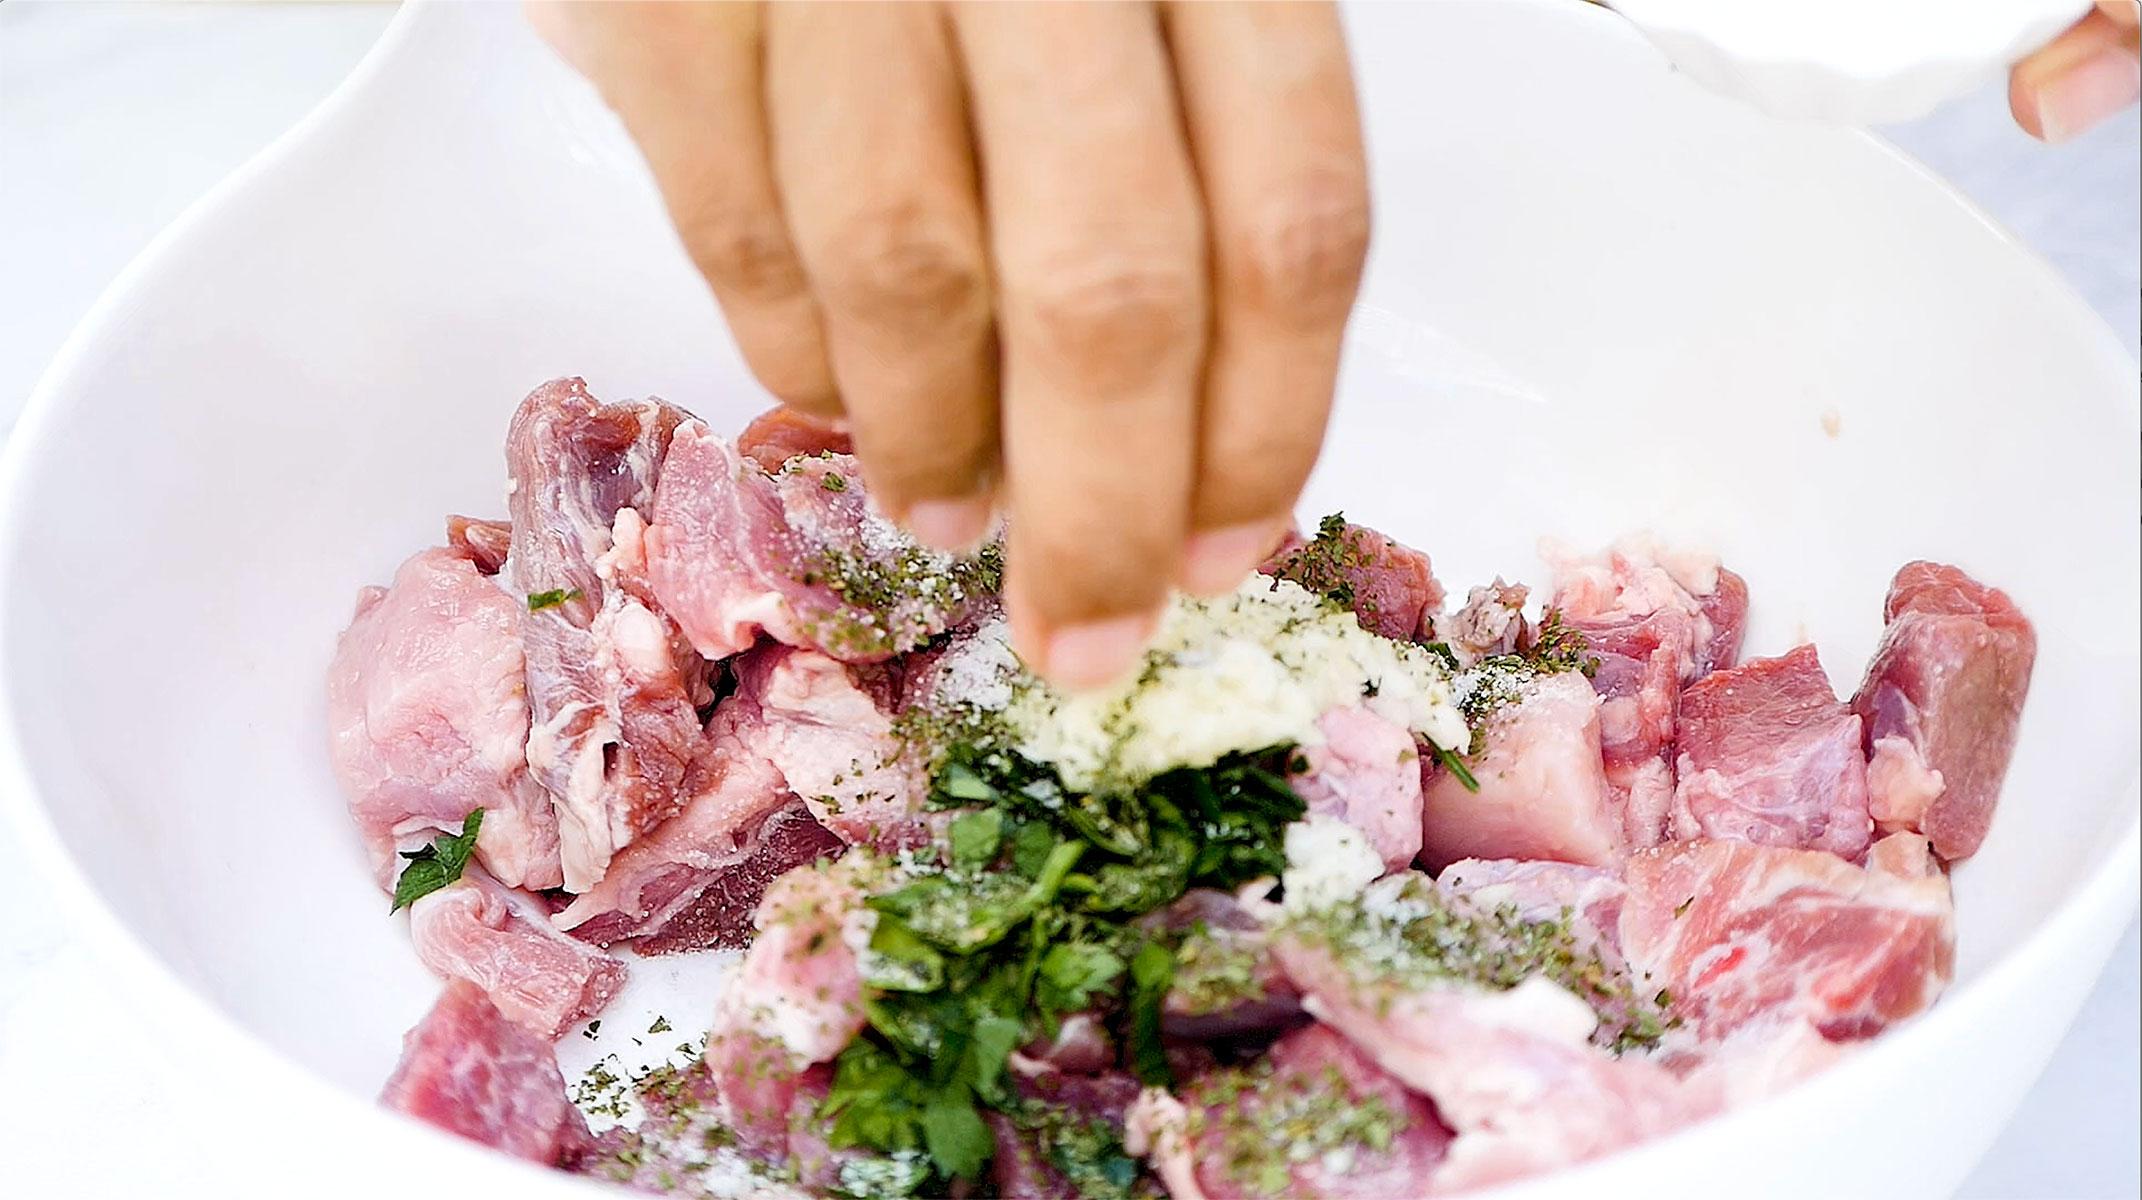 Sazonando la carne